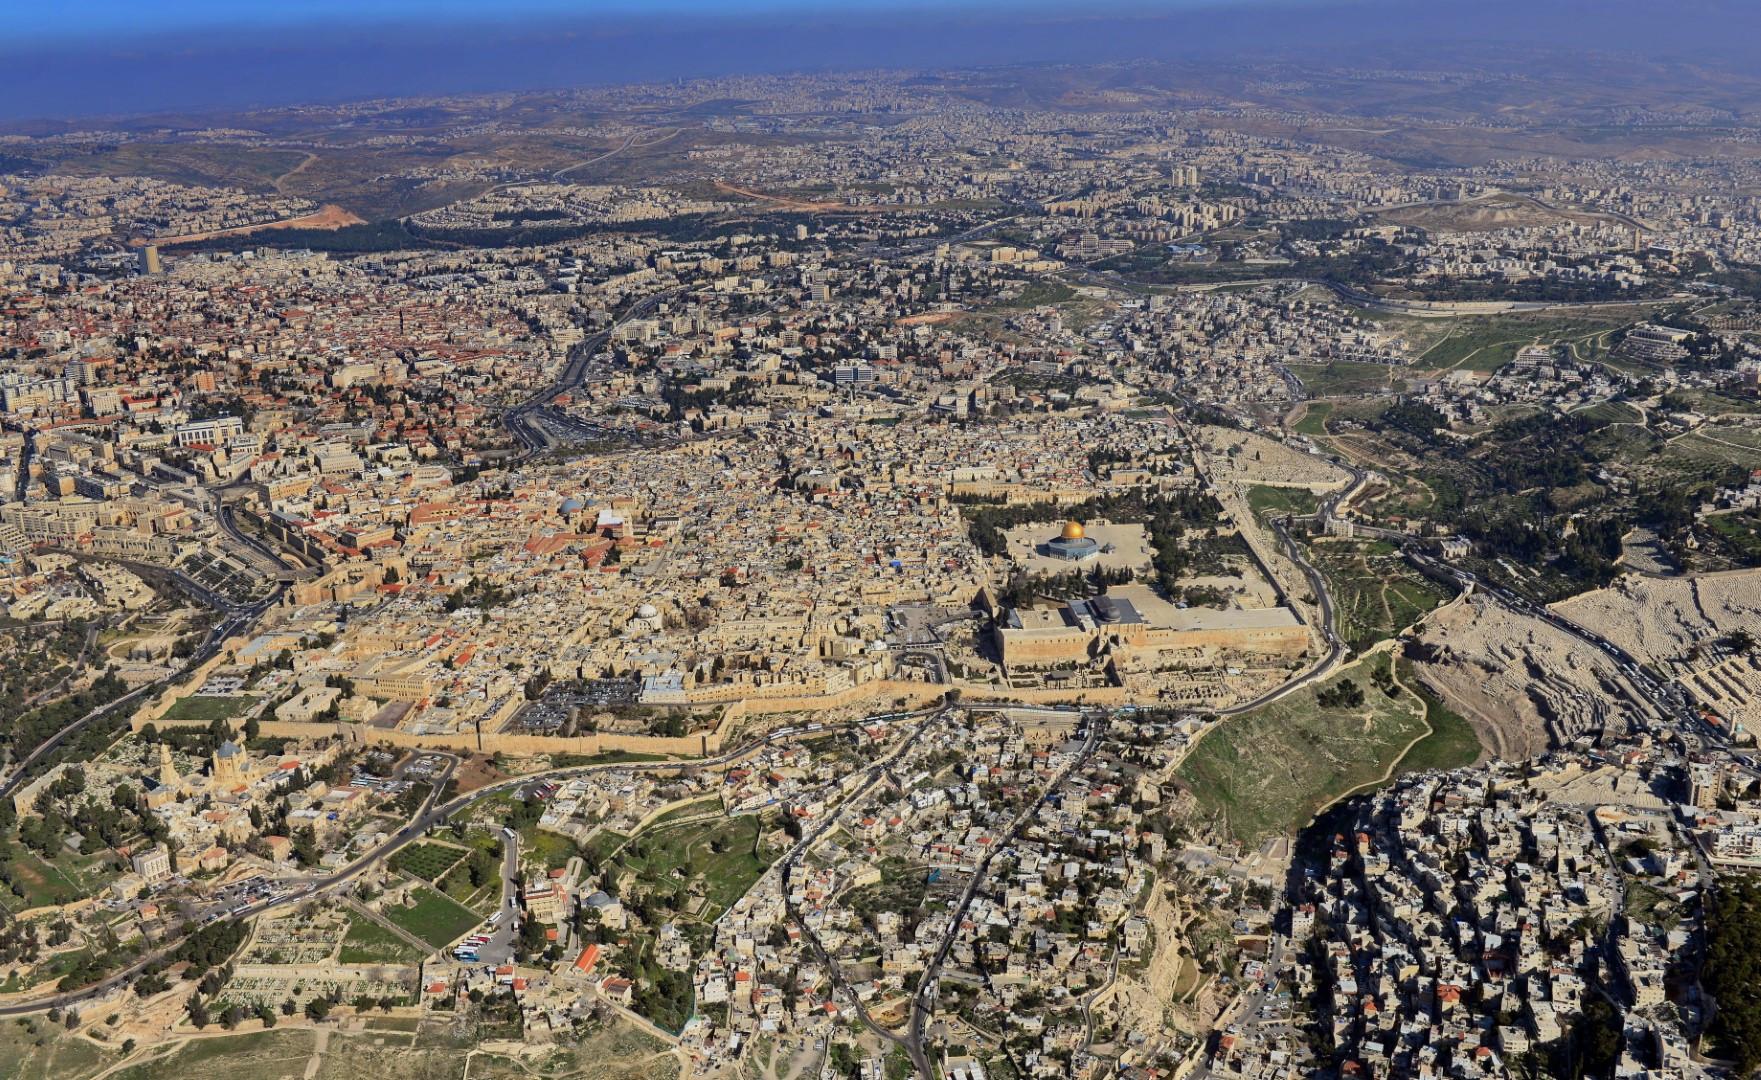 JERUSALEM_THE_OLD_CITY_&_THE_TEMPLE_MOUN